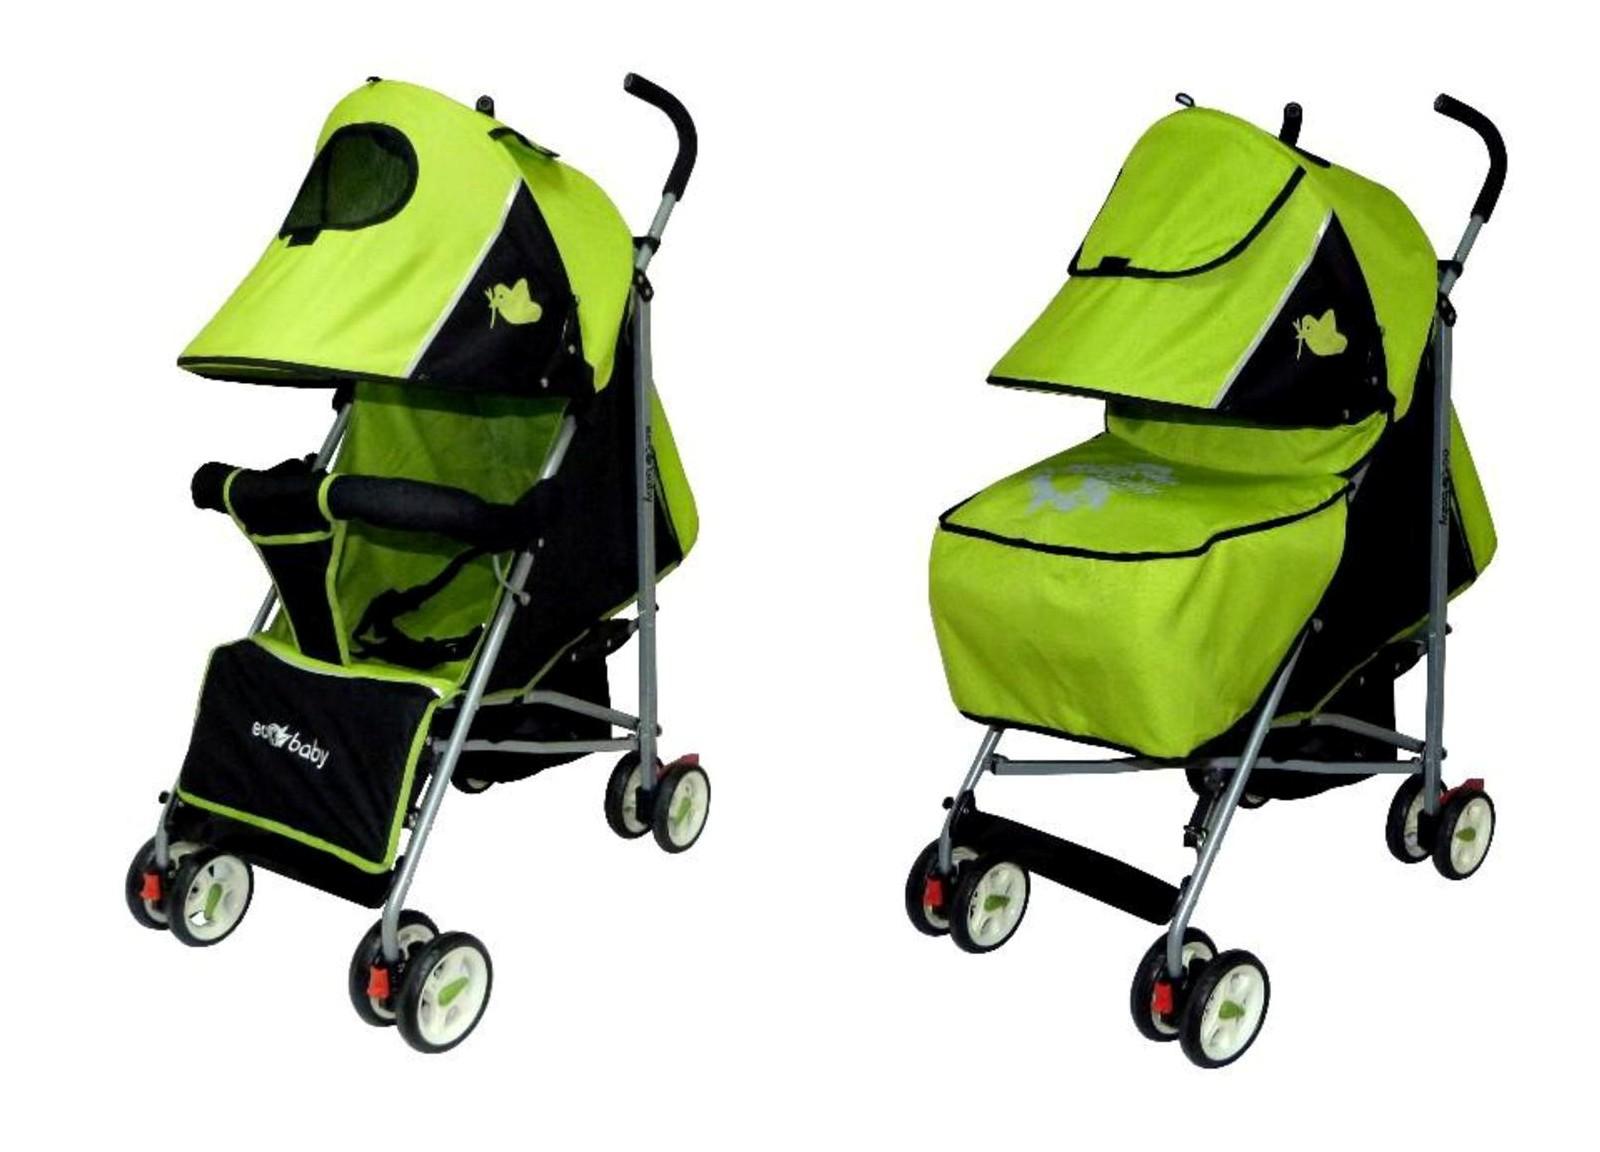 детская коляска трость Ecobaby Tropic - Экобейби Тропик с накидкой на ножки